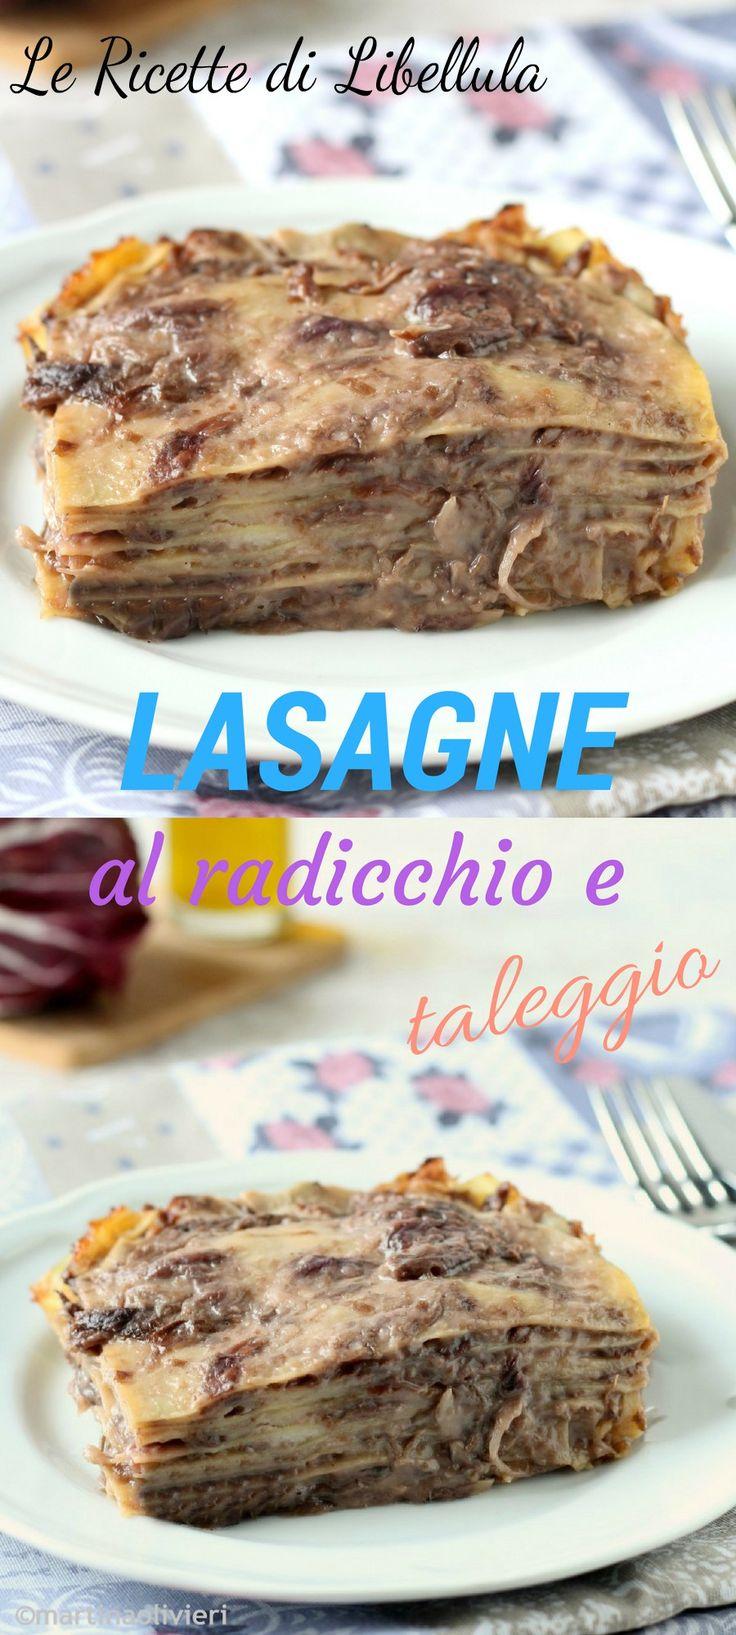 Le lasagne al radicchio e taleggio sono un un primo piatto vegetariano, ricco e saporito. Leggi la ricetta!